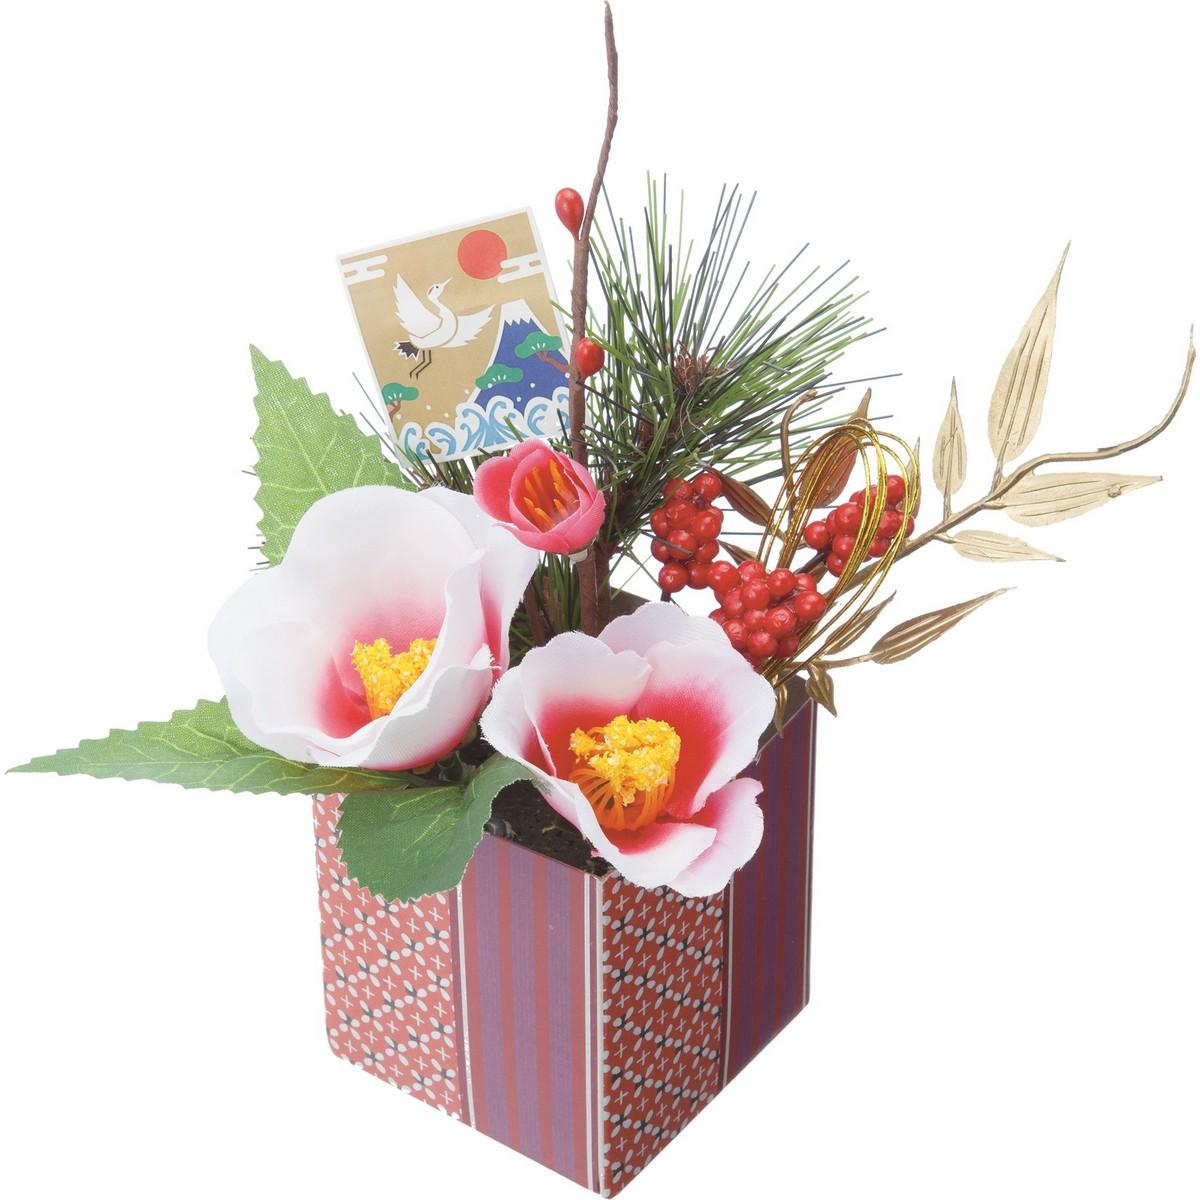 【造花】YDM/迎春アレンジポット椿 ビューティー ※2種類のいずれか1つ。お選びいただけません。/FS-5238-BTY【01】【取寄】《 造花(アーティフィシャルフラワー) 造花ギフト フラワーアレンジ 》